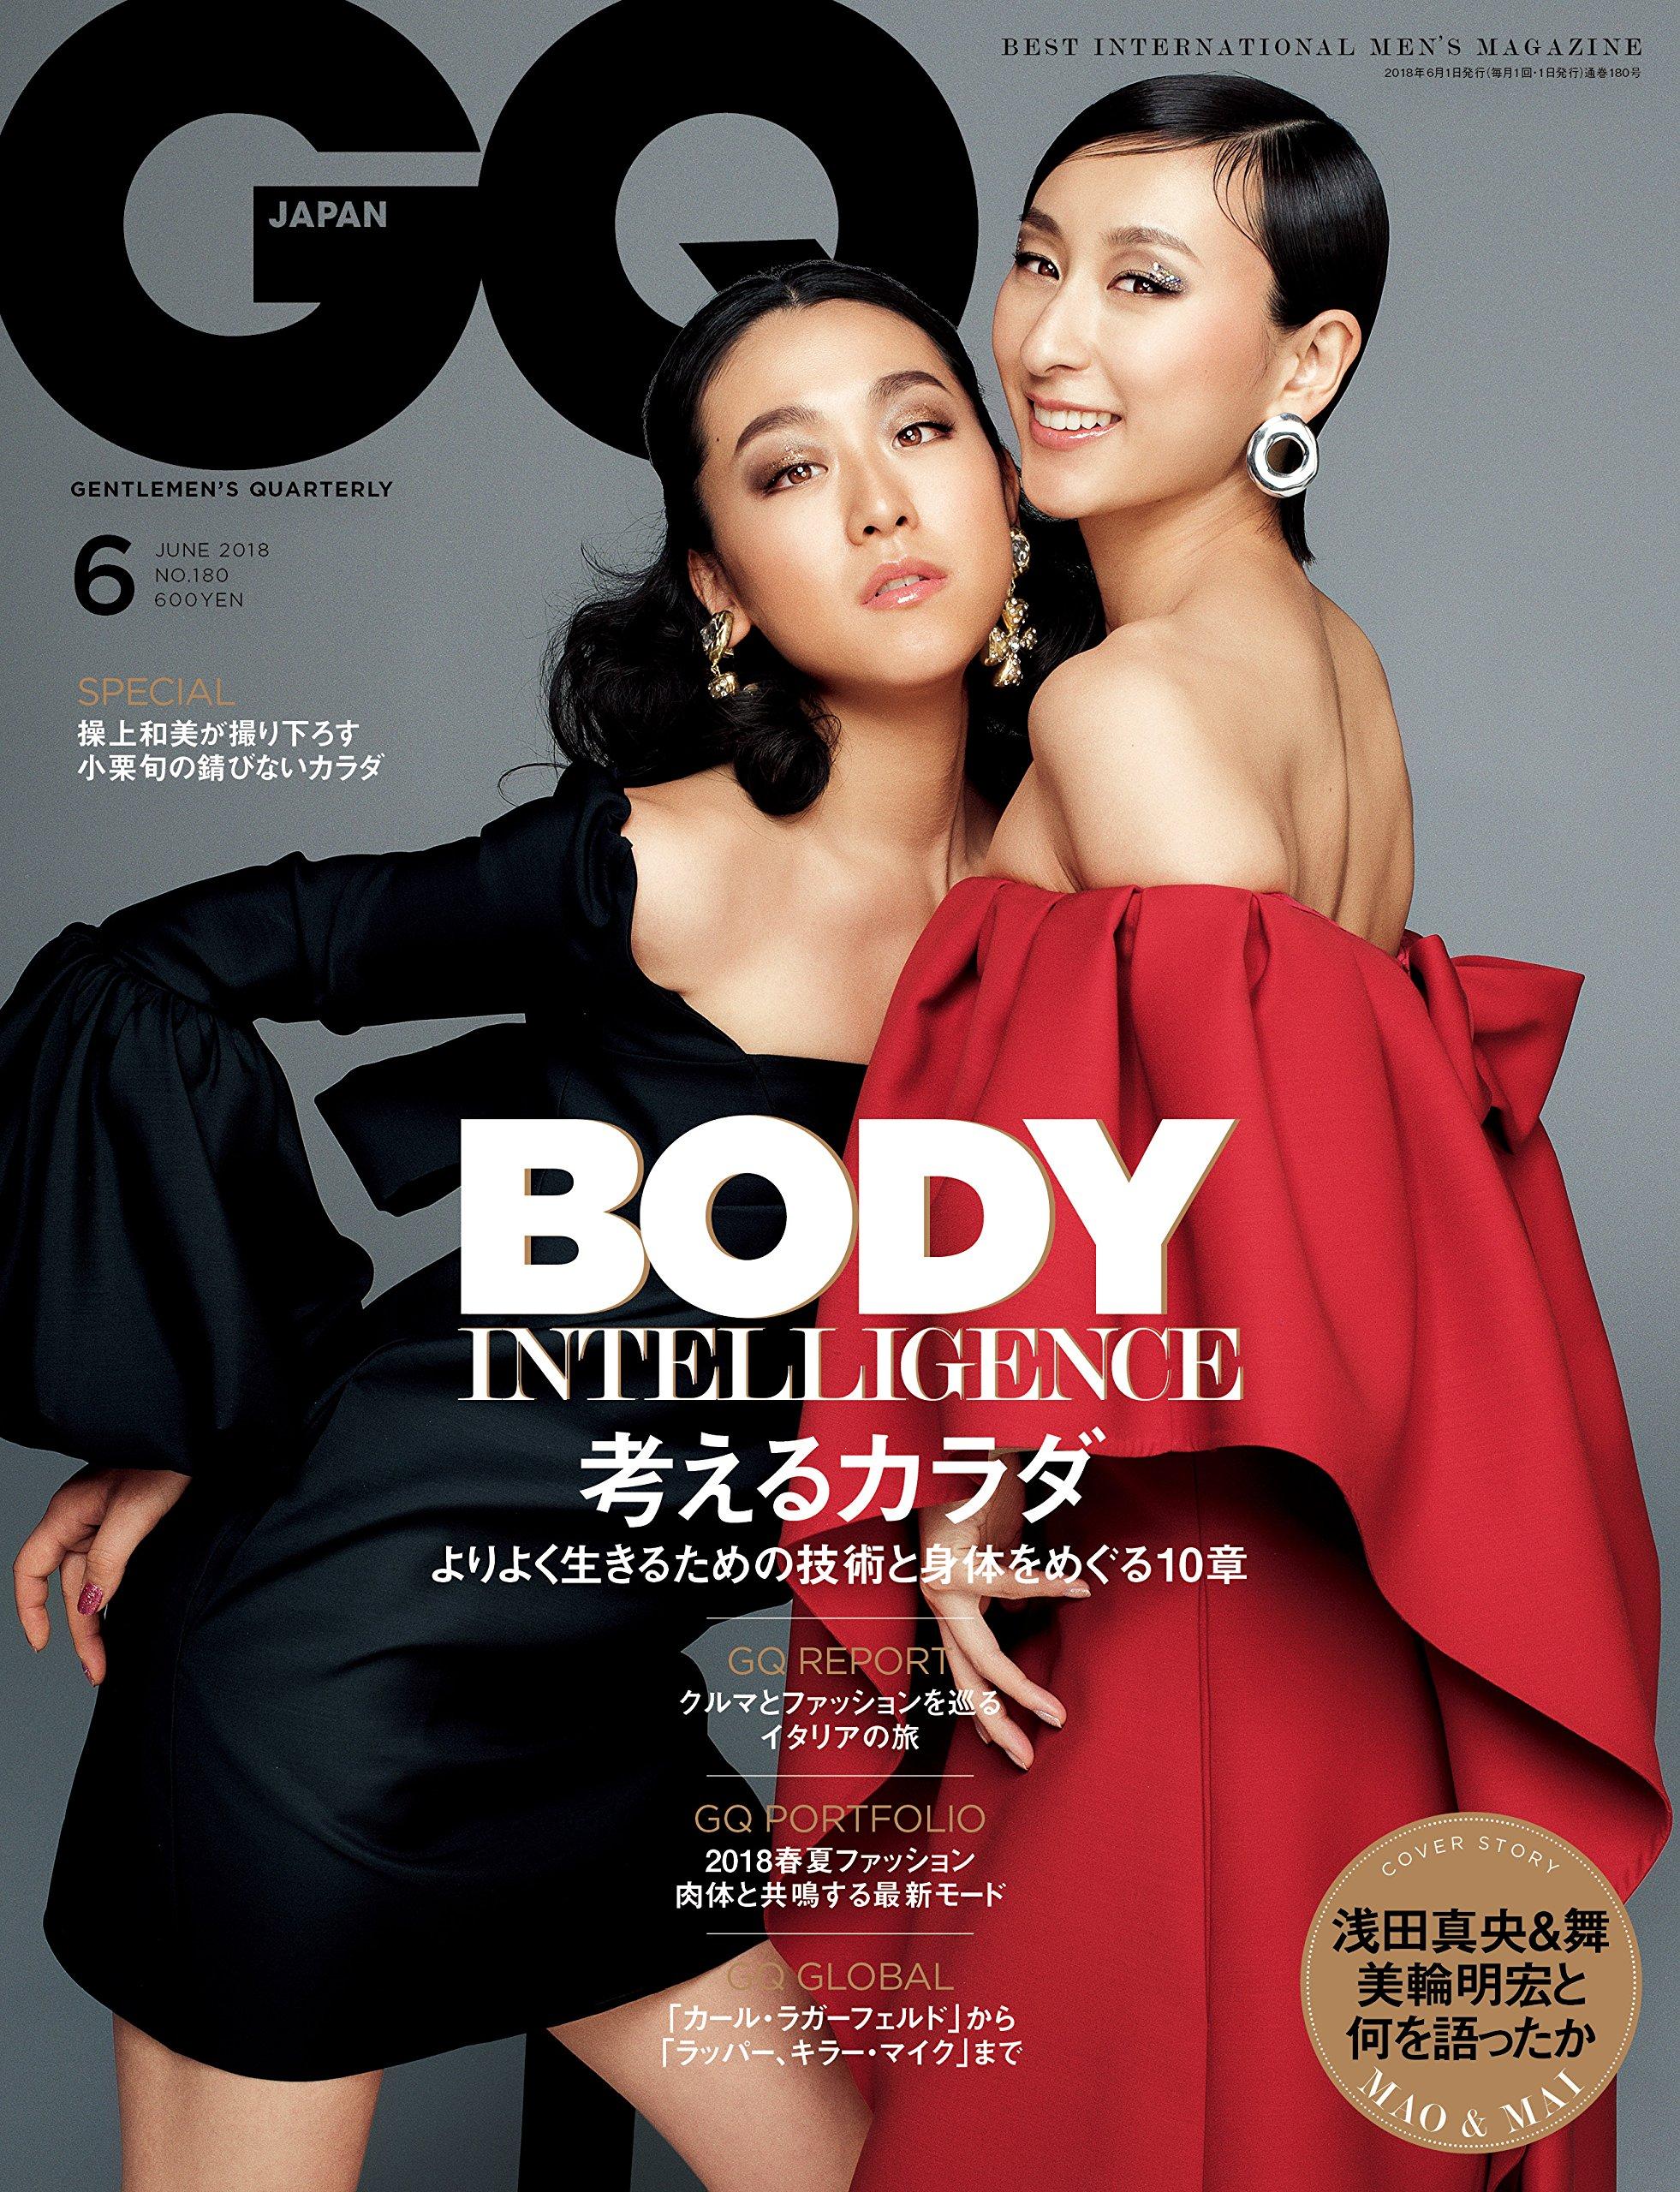 GQ JAPAN 6月号の浅田姉妹の表紙がかっこよすぎる!! ゴージャス感が凄いw